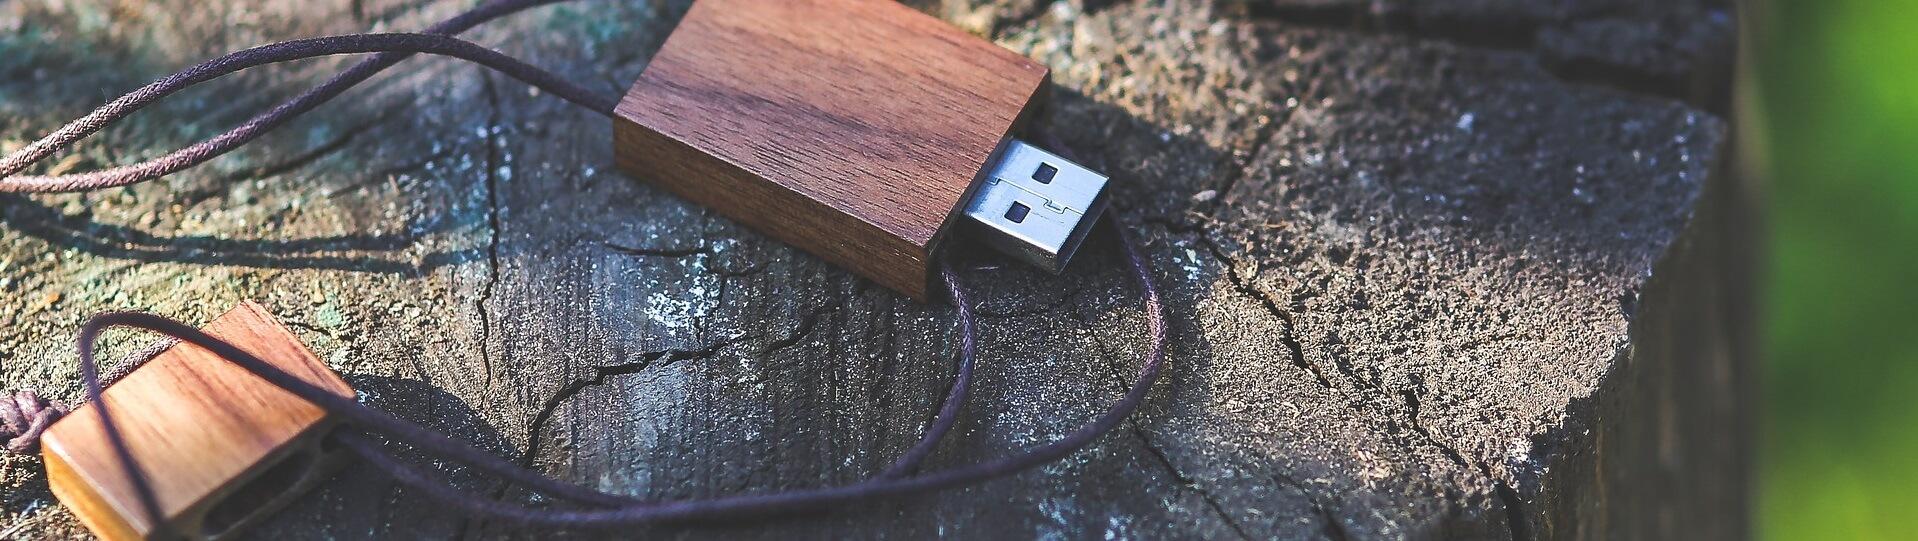 USB Sticks aus Holz und Bambus